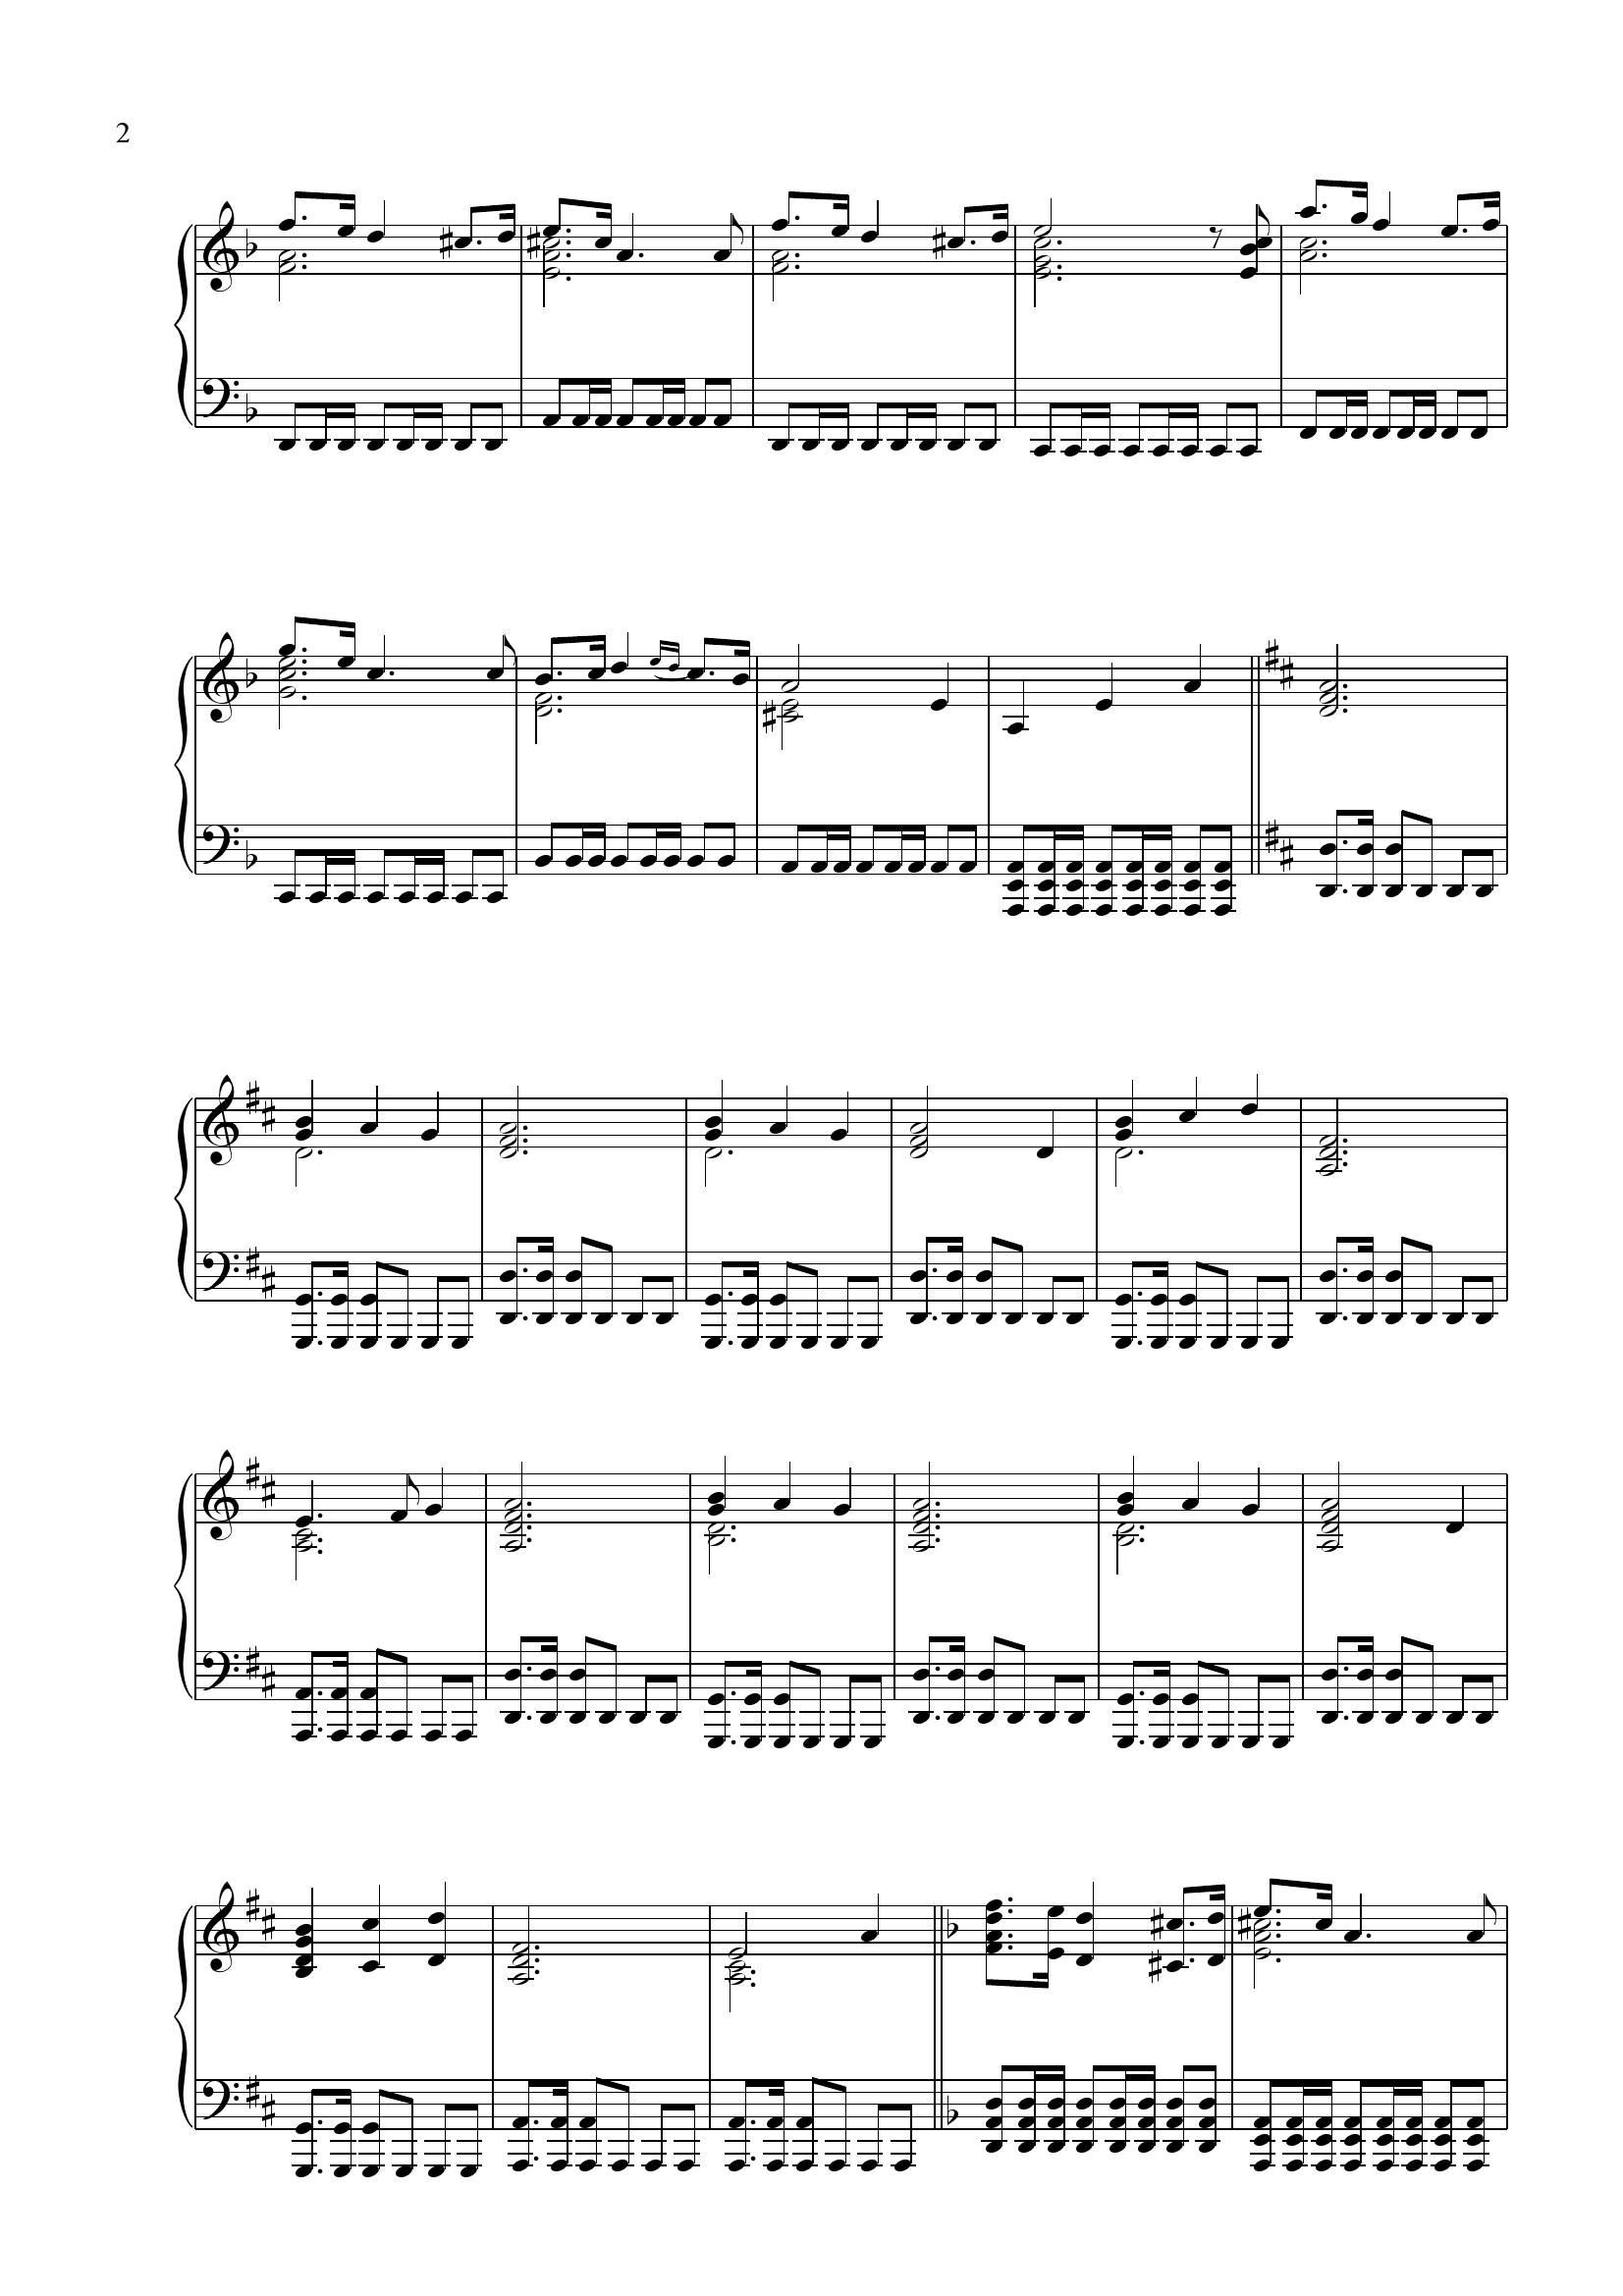 Vangelis Conquest of paradise2 - نت آهنگ Conquest of paradise از Vangelis